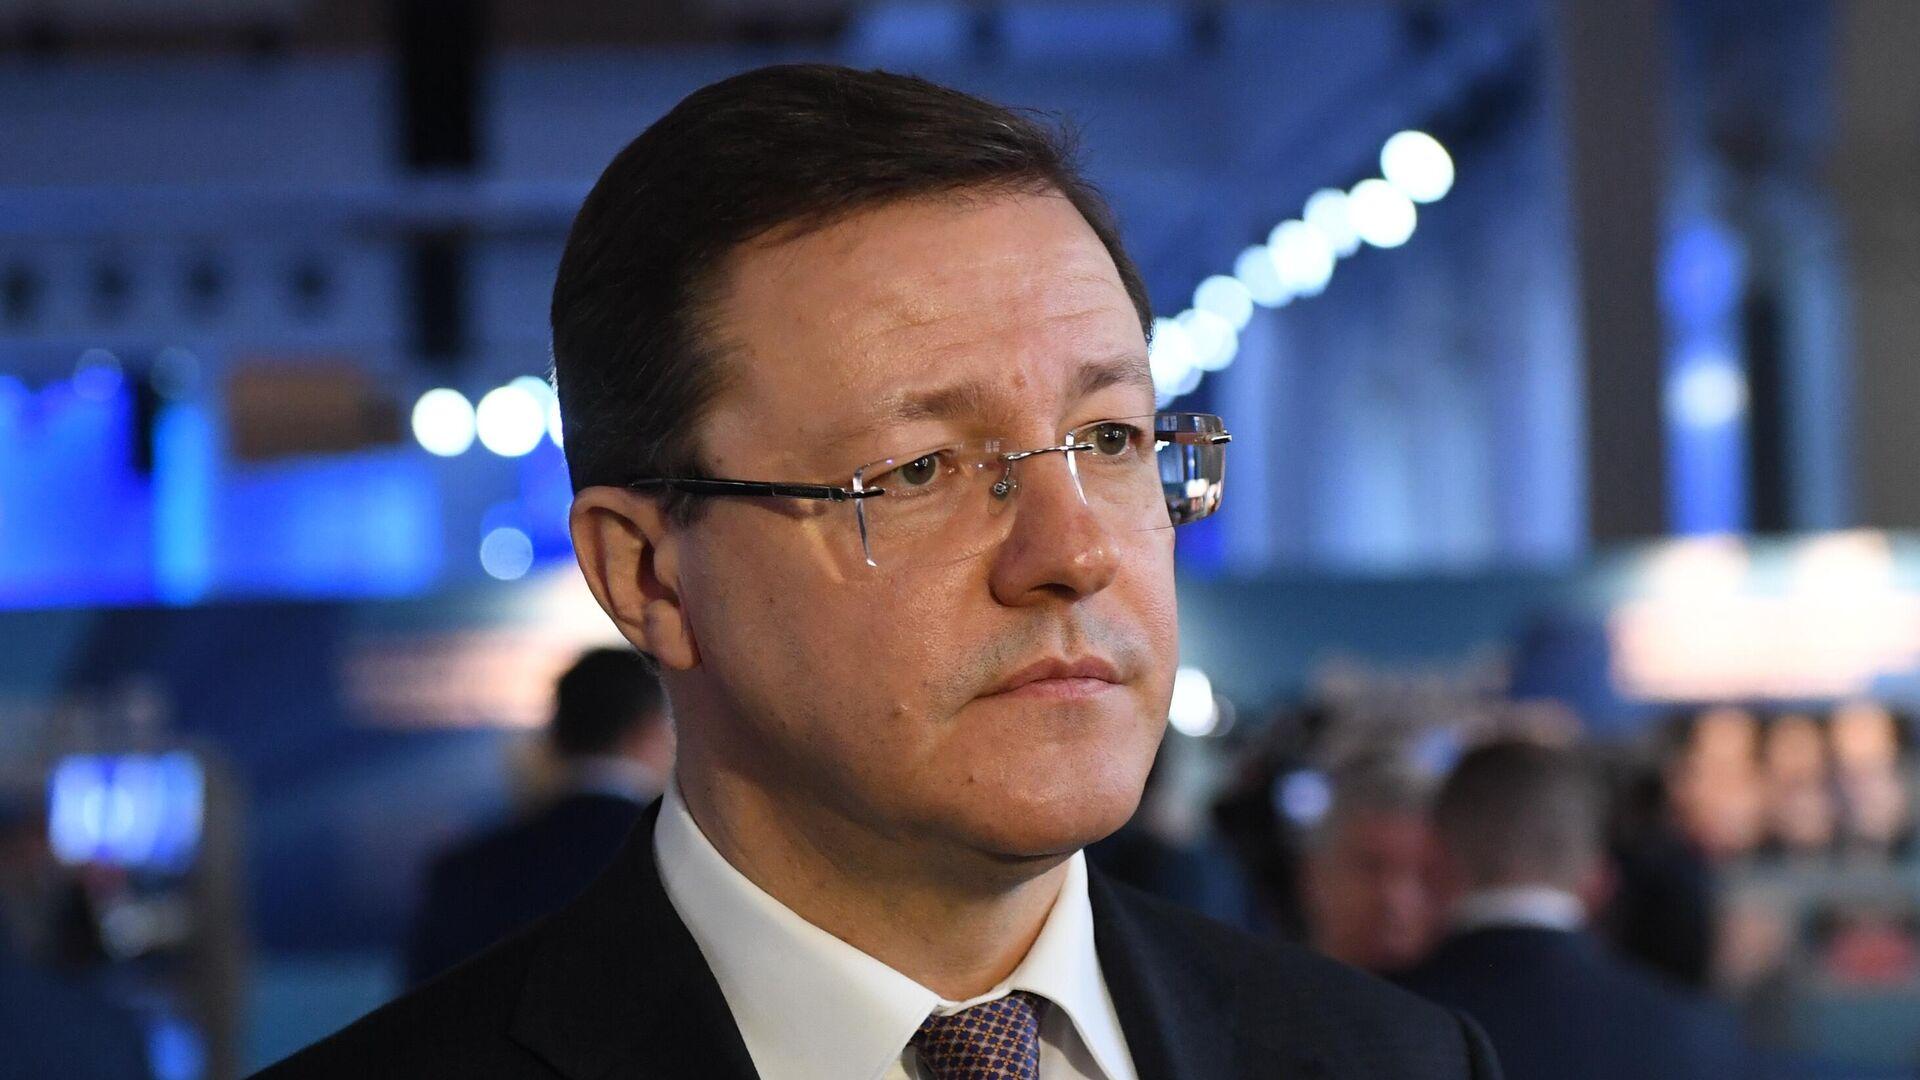 Глава Самарской области Азаров дал старт строительству комплекса ветроэлектростанций